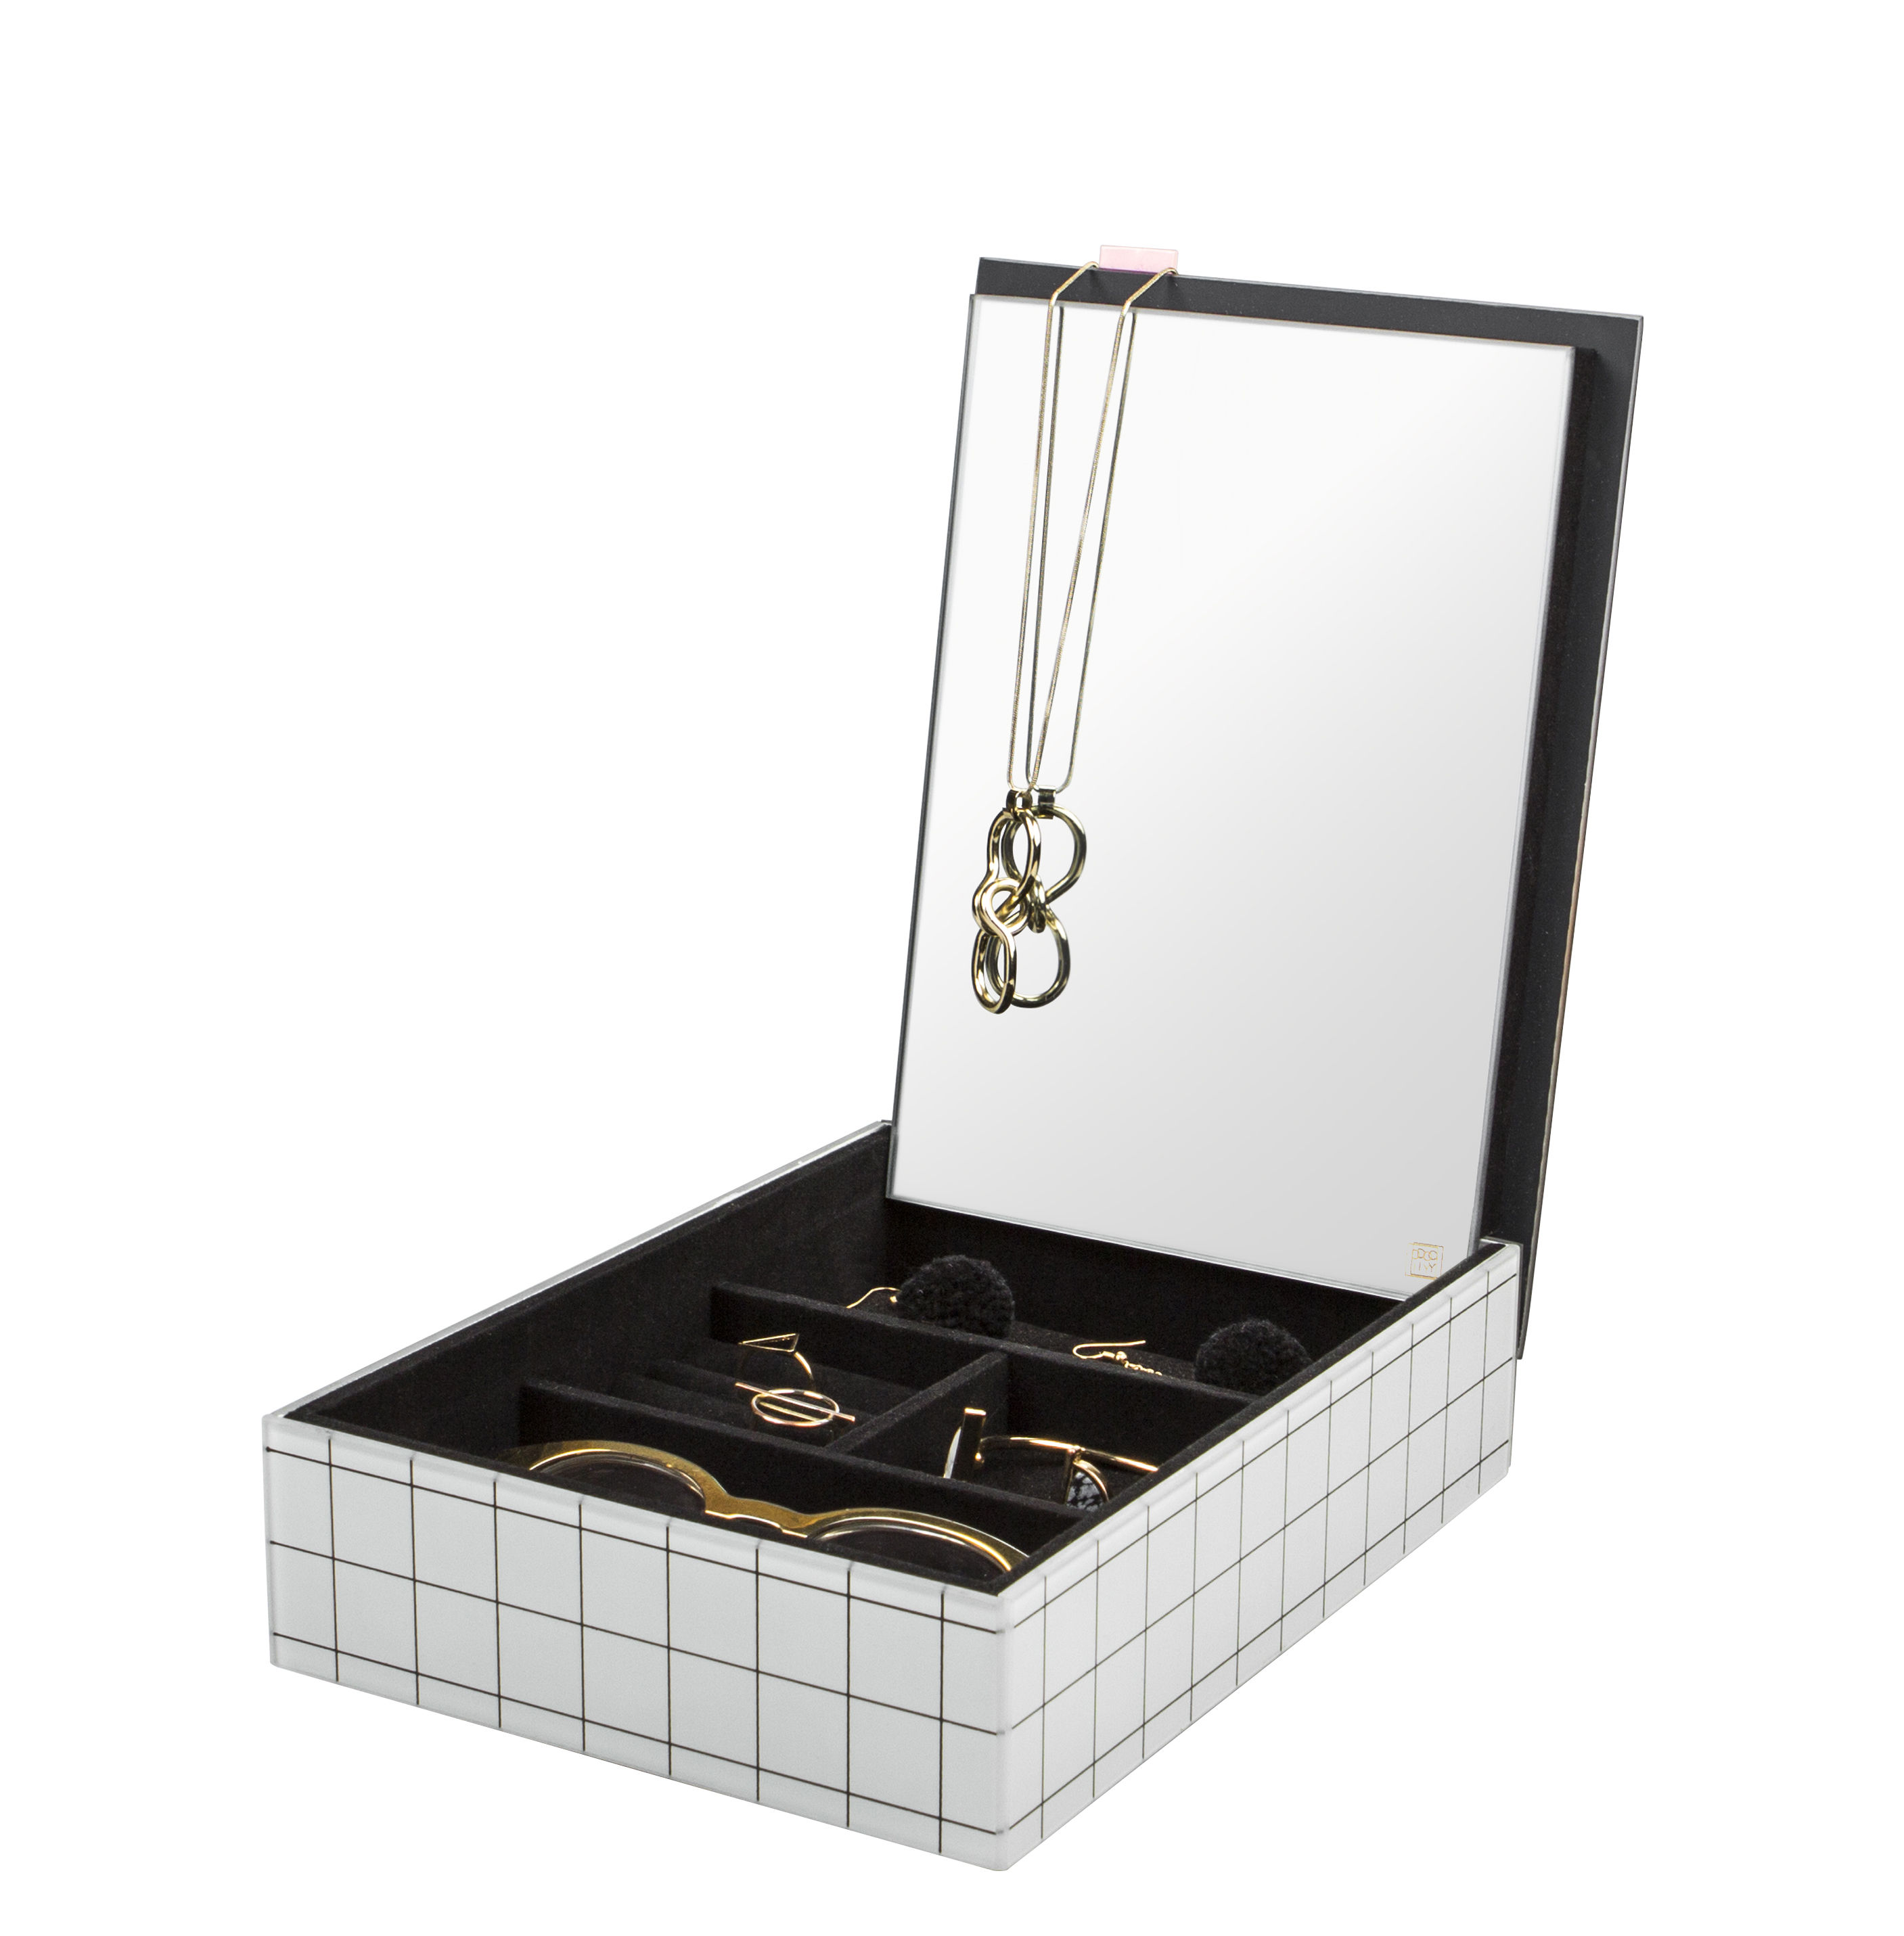 Accessoires - Bijoux, porte-clés... - Boîte à bijoux The Pool / 28 x 20 cm - Doiy - Blanc, Bleu, Rose - MDF, Miroir, Velours